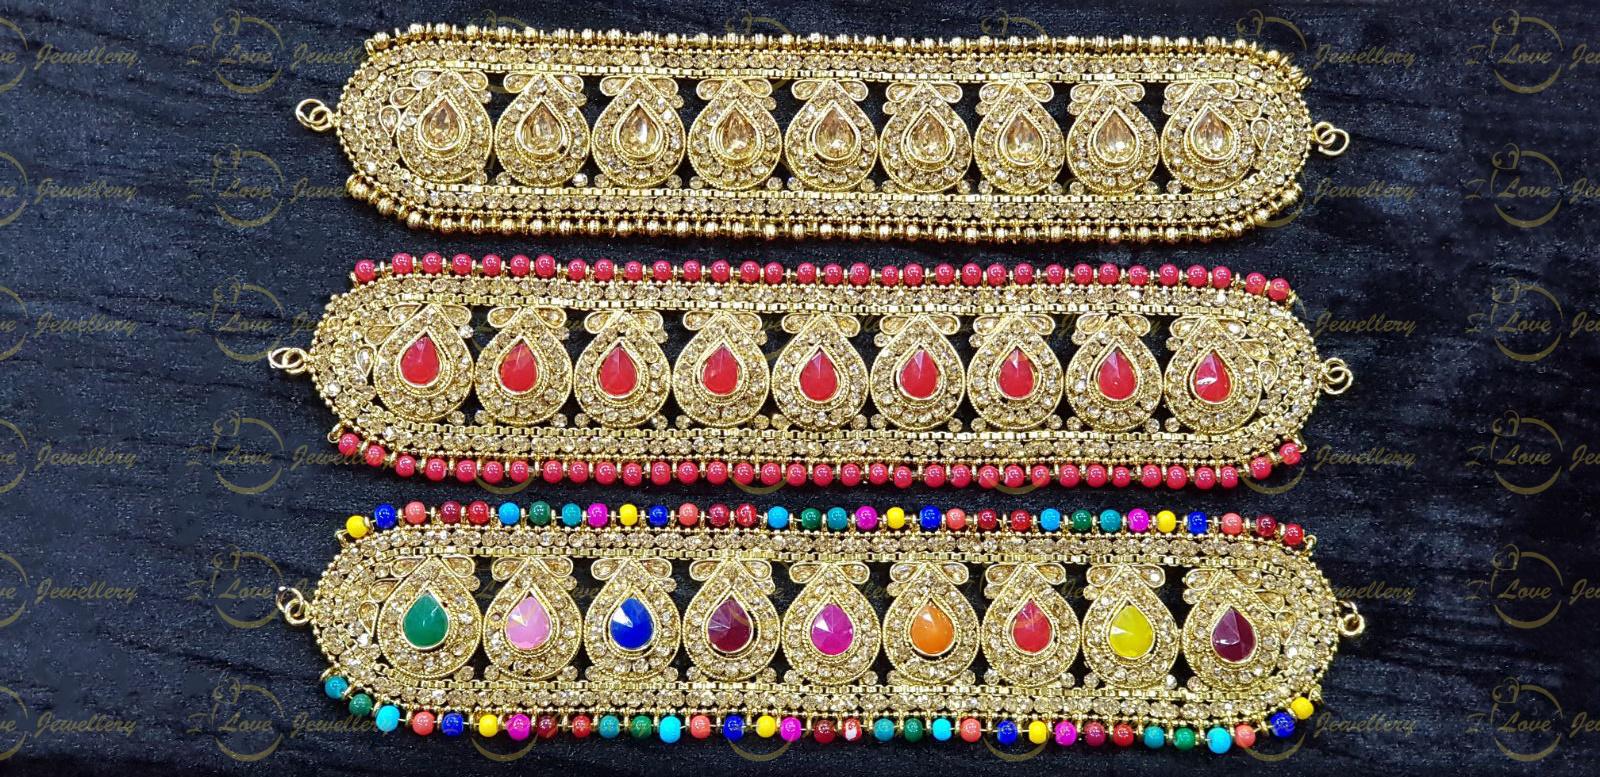 Pakistani choker - Champagne choker - mehndi choker - maroon choker - bridal chokers - wedding choker necklace - golden choker - pearl choker - wholesale Pakistani jewellery - bespoke Pakistani jewellery